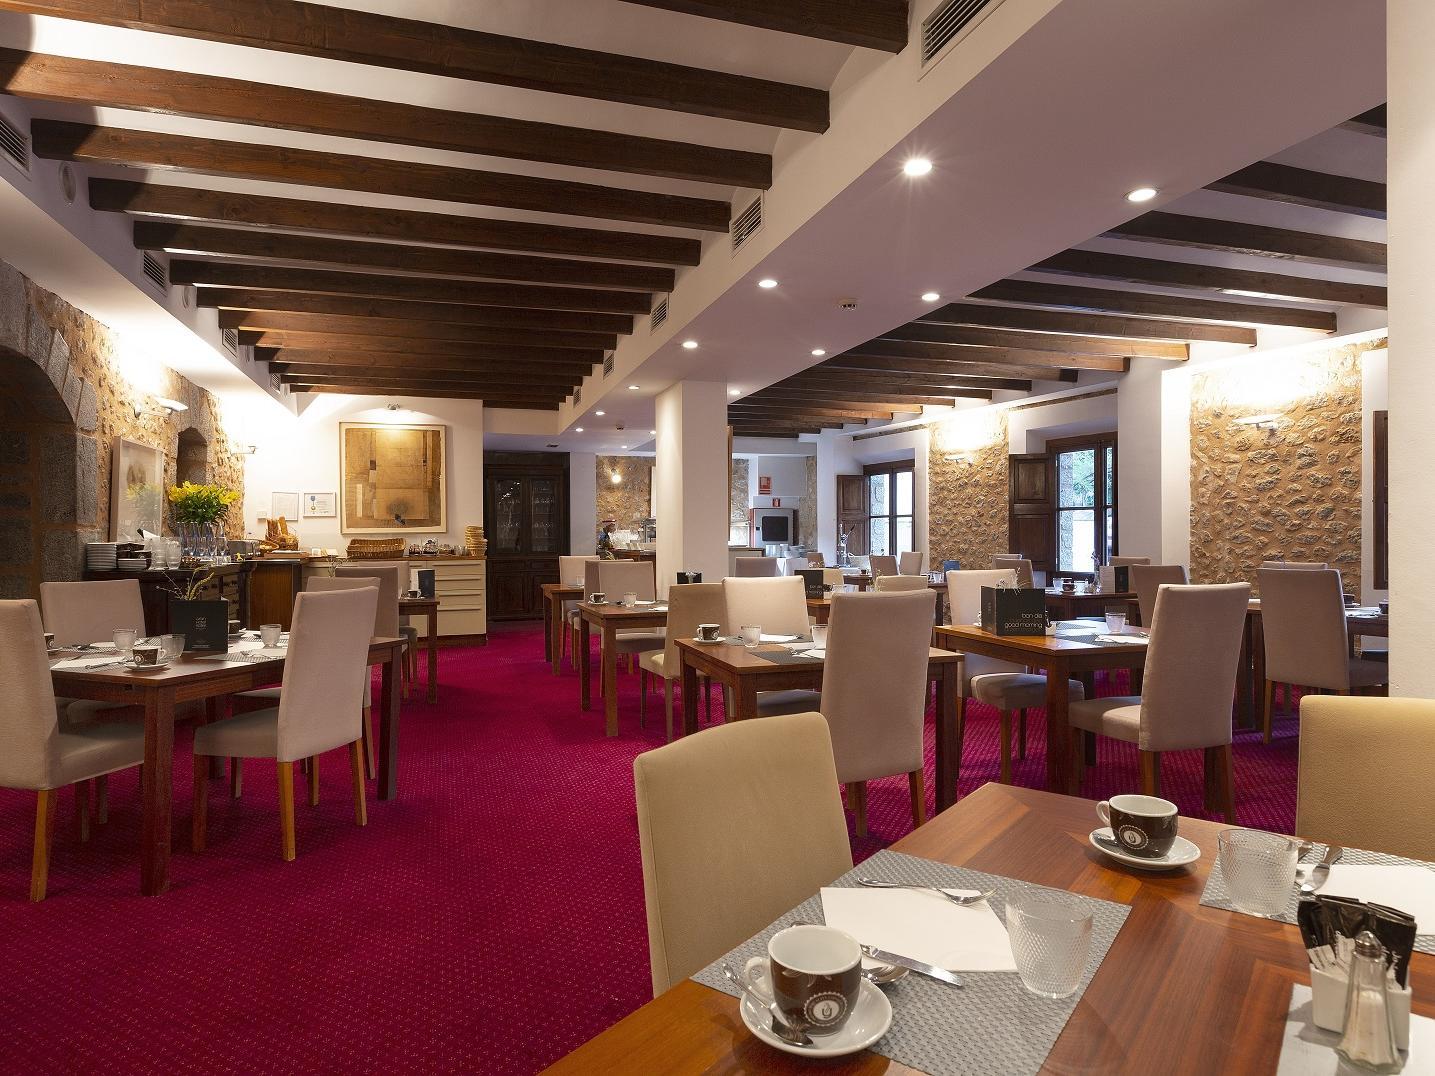 Breakfast buffet at Gran Hotel Sóller in Sóller, Majorca